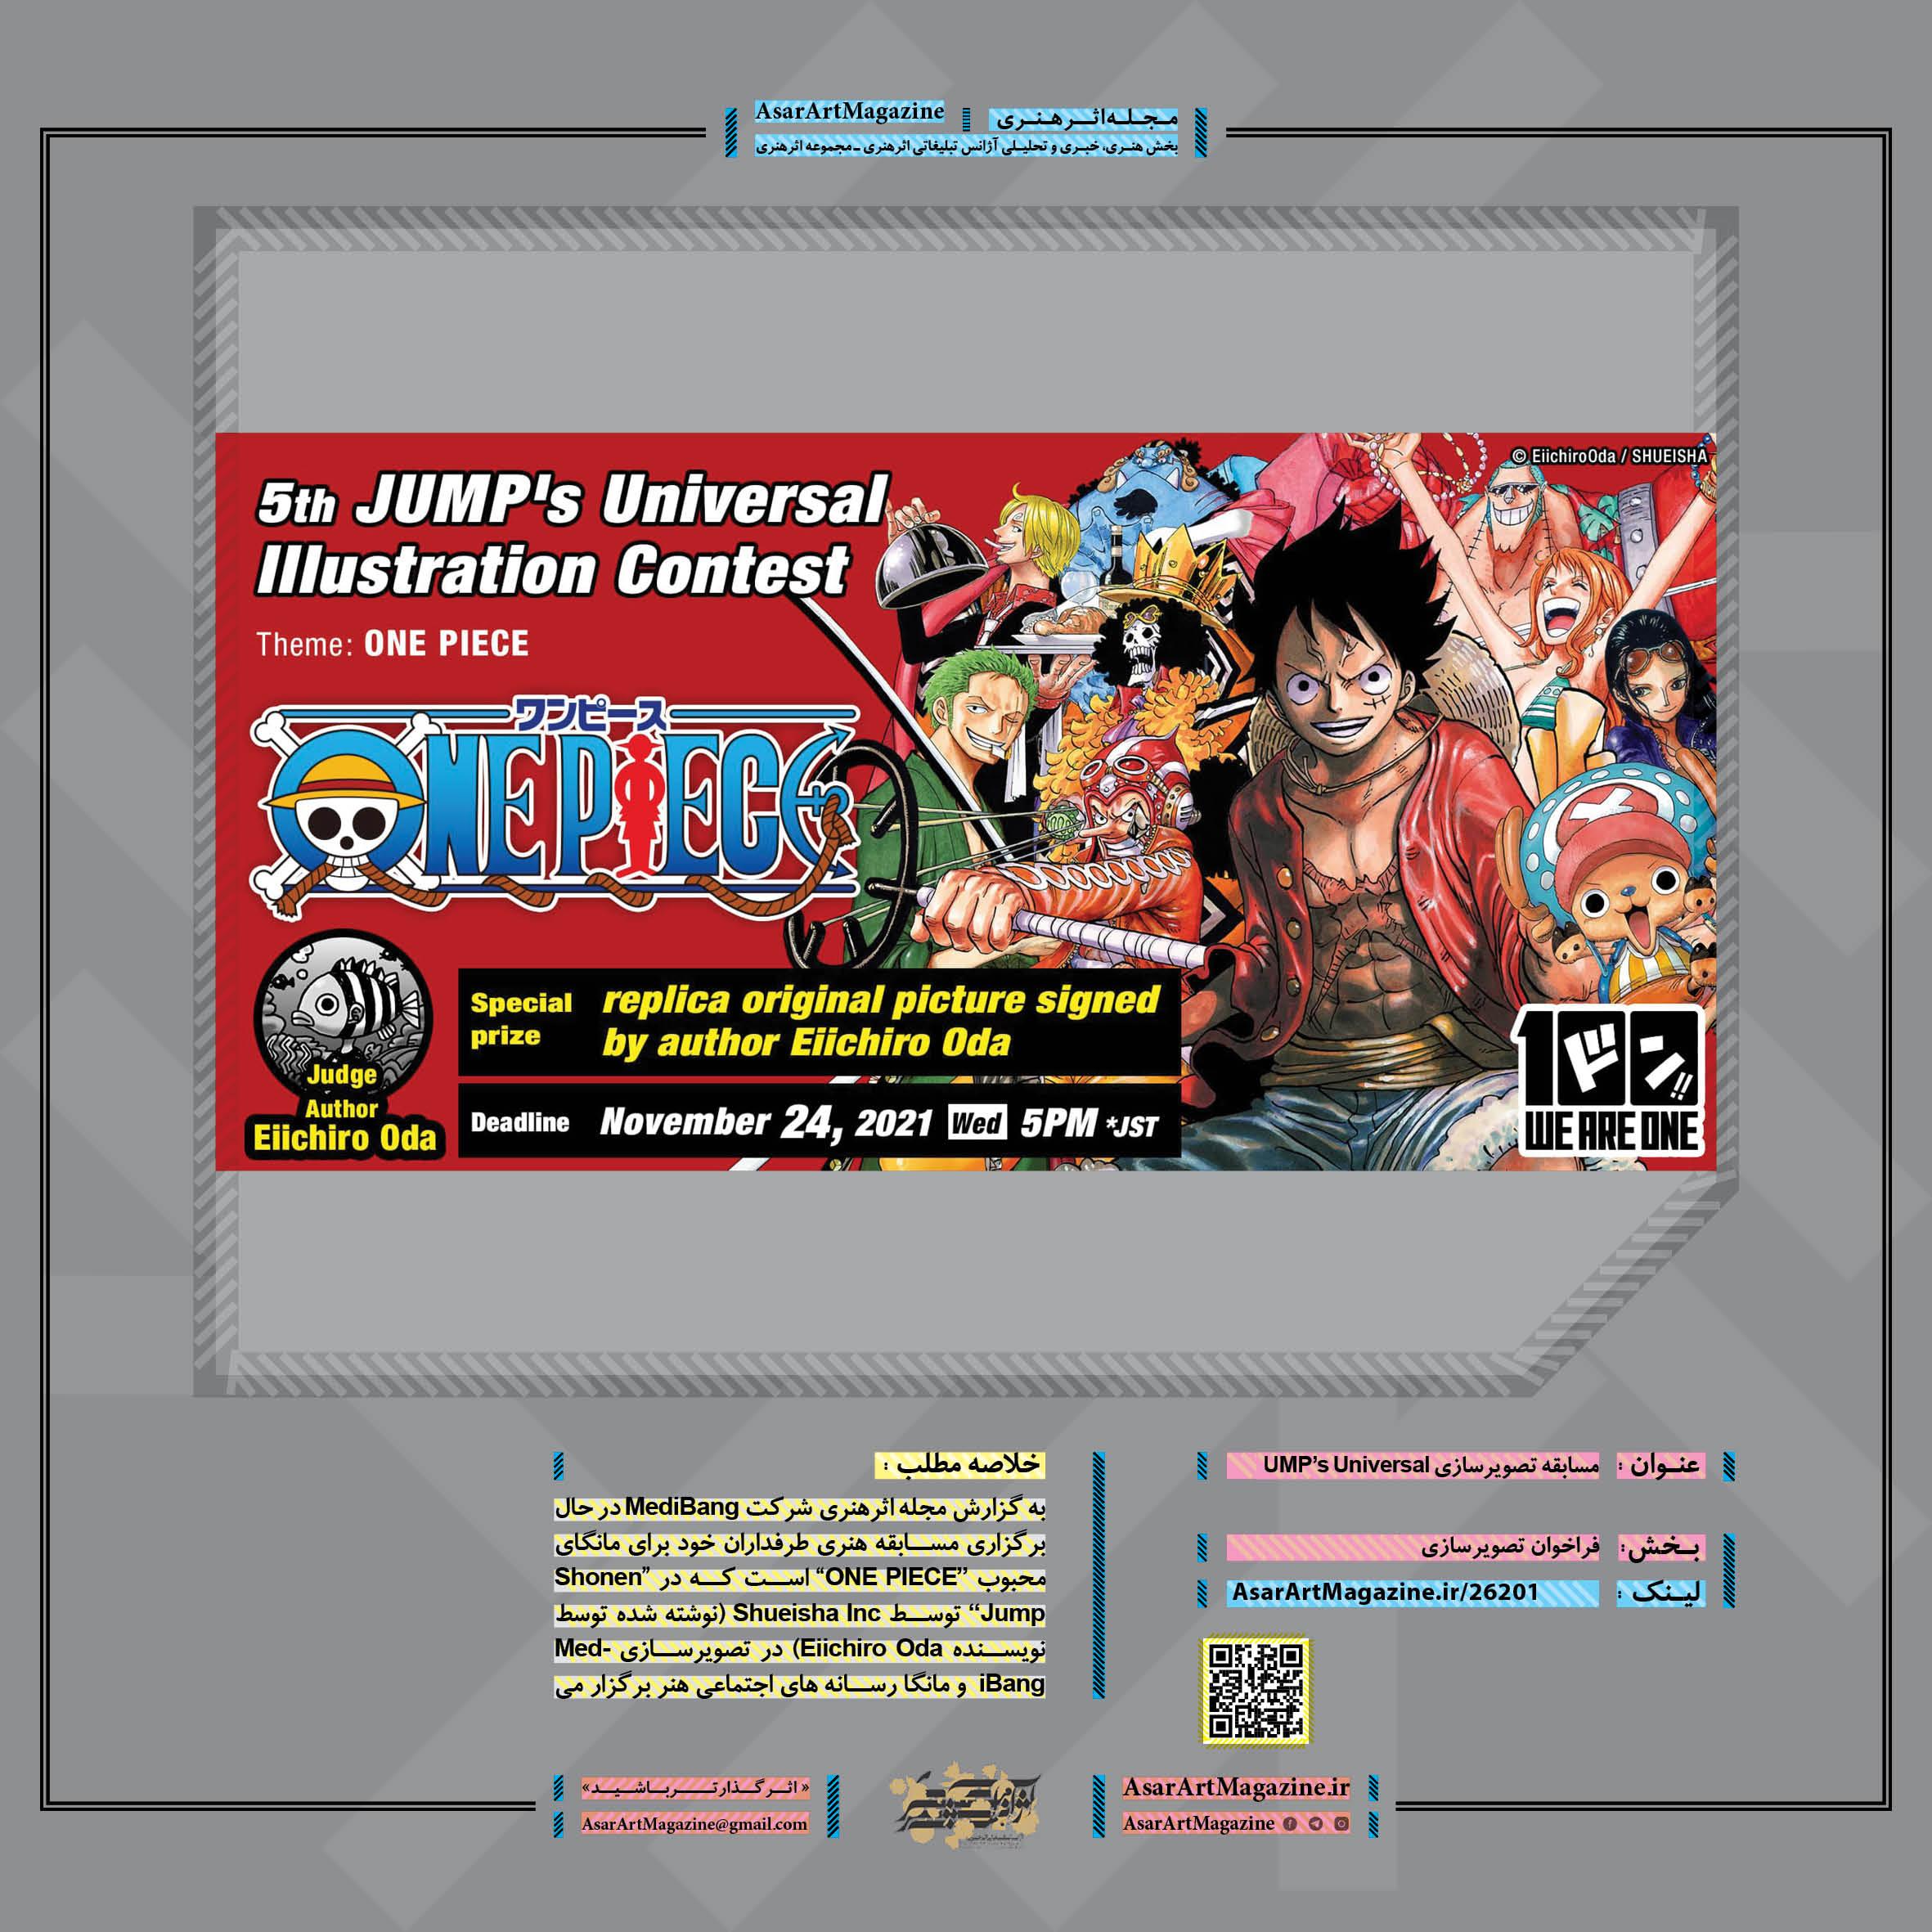 مسابقه تصویرسازی UMP's Universal  |  مجله اثرهنری، بخش هنری، خبری و تحلیلی مجموعه اثرهنری | مجله اثر هنری ـ «اثرگذارتر باشید»